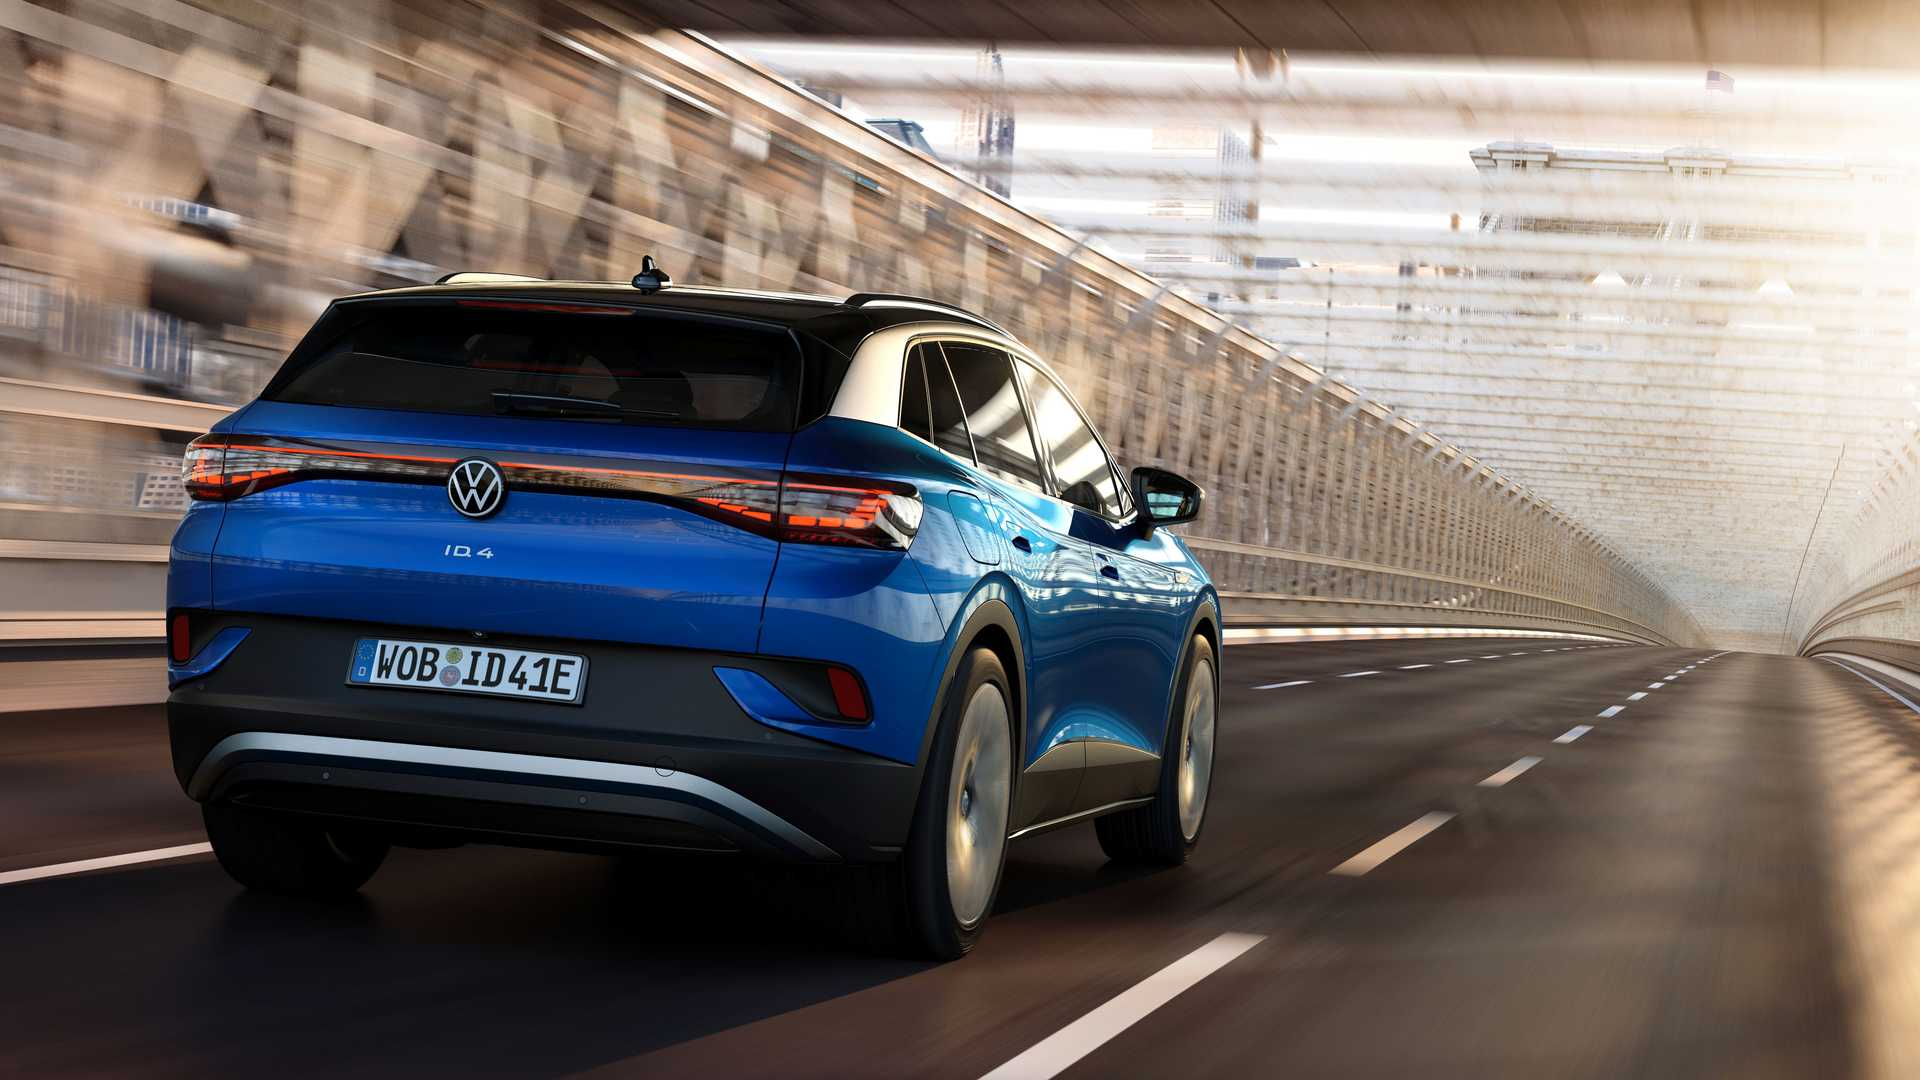 2021-volkswagen-id.4-exterior-in-motion (3)